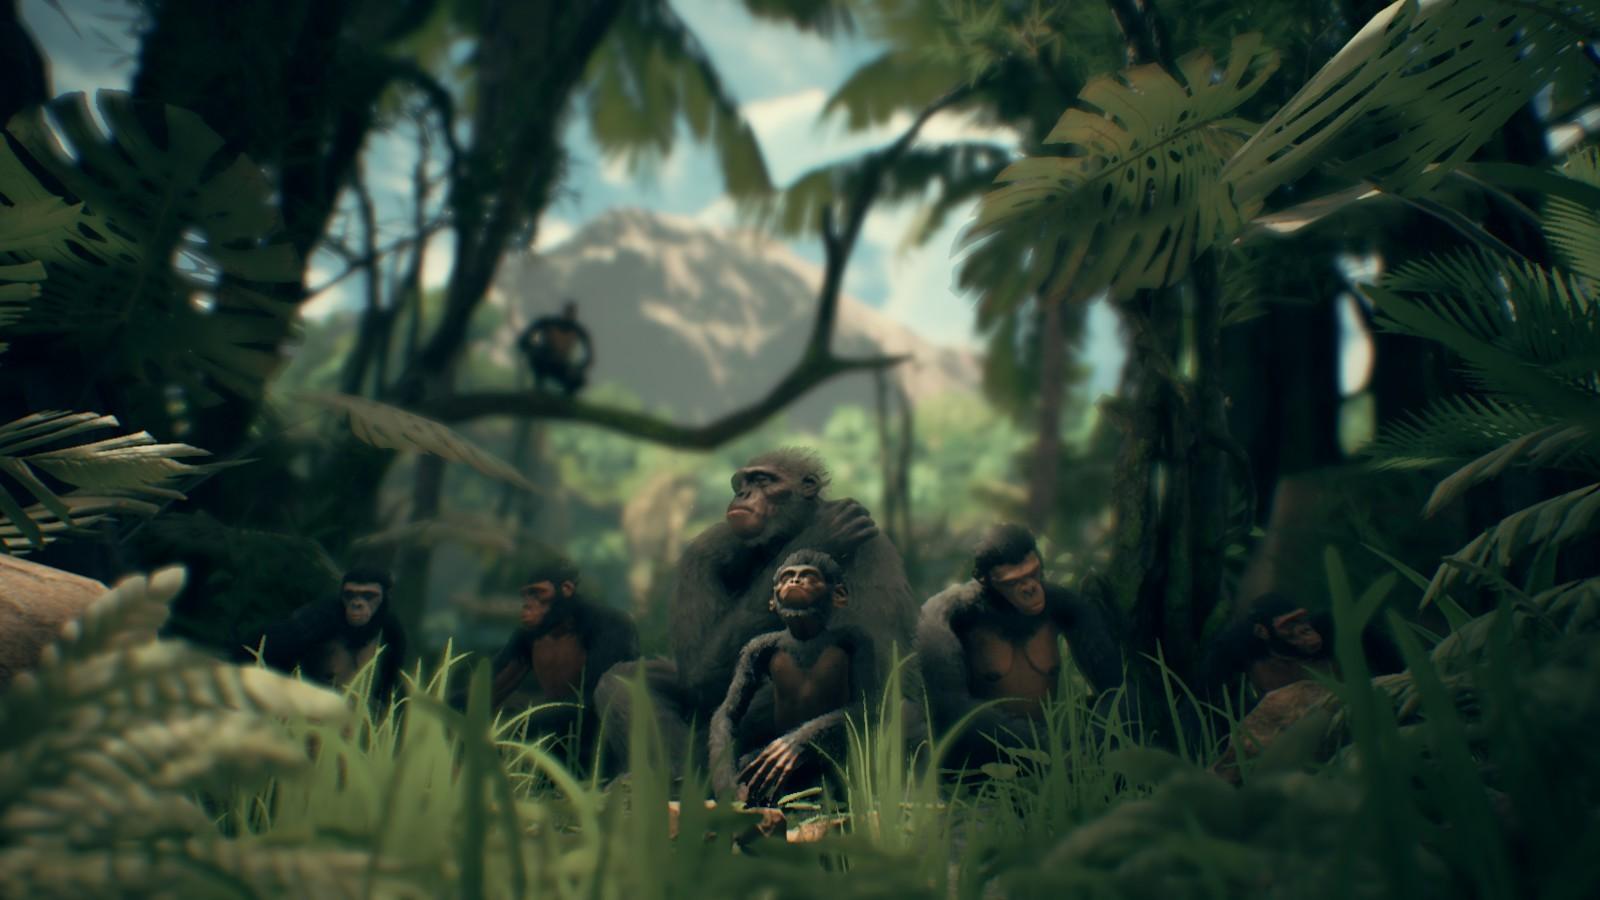 'Ancestors: The Humankind Odyssey' mi ha lasciato un sacco di dubbi sull'evoluzione umana